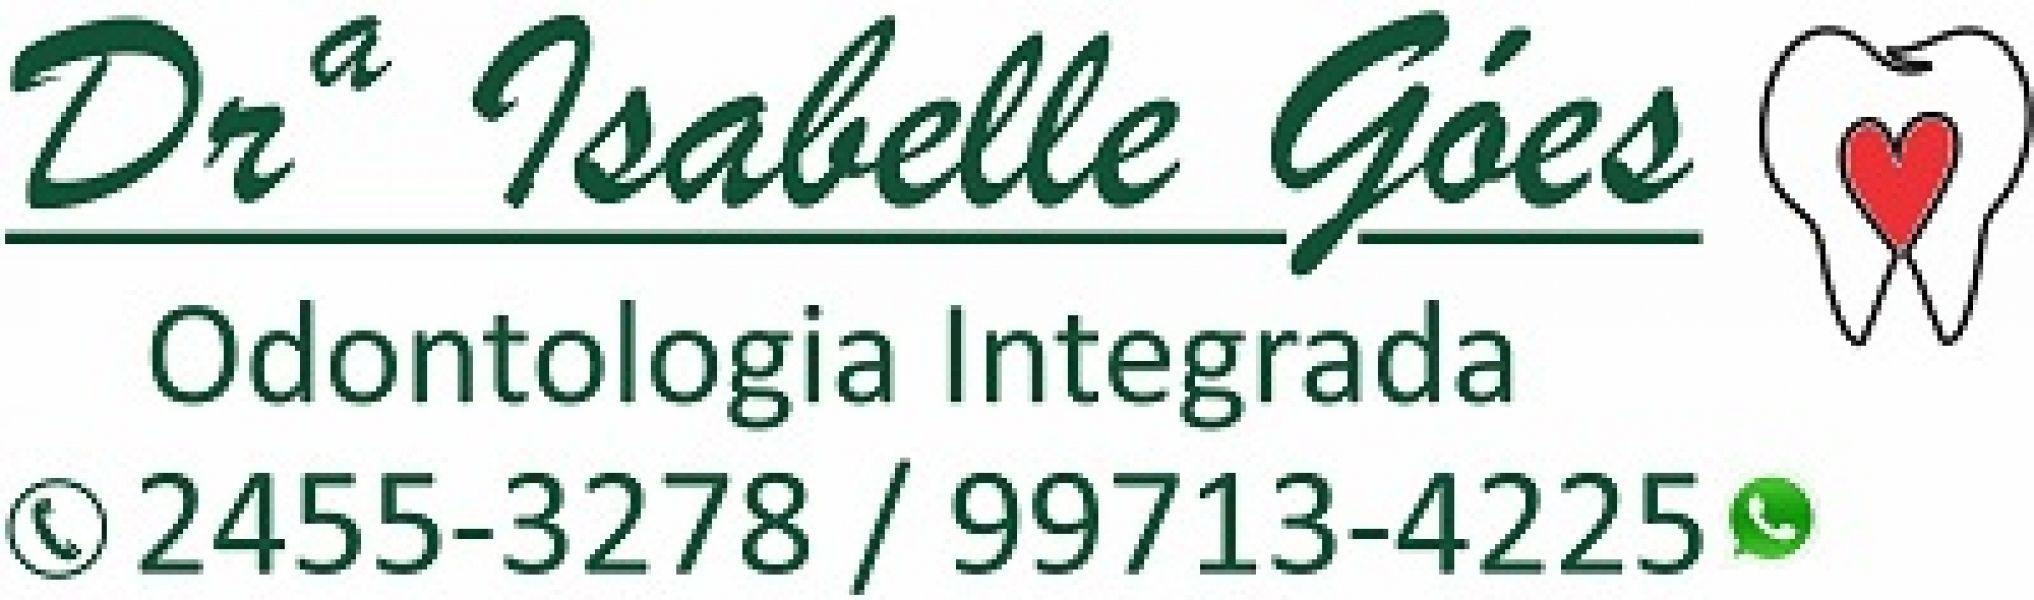 Consultório Dra. Isabelle Góes (Nova Iguaçu)